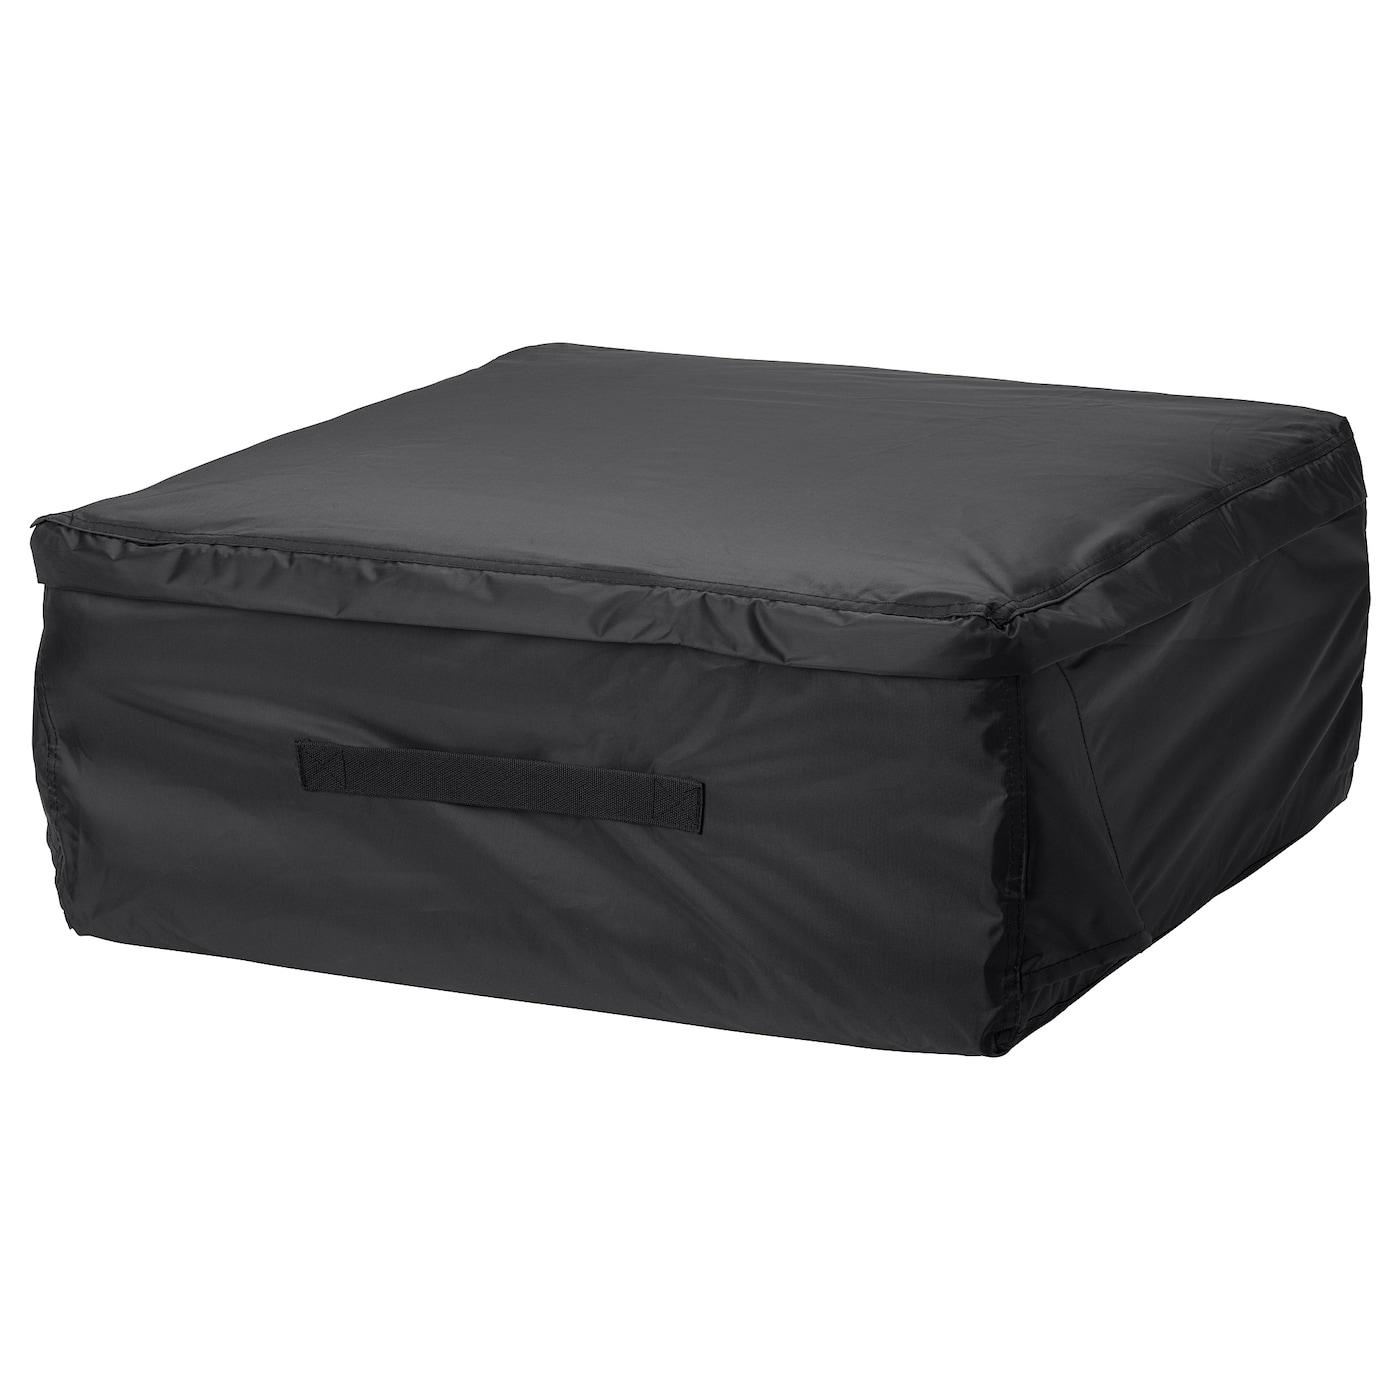 TOSTERÖ Tasche für Kissen - schwarz - IKEA